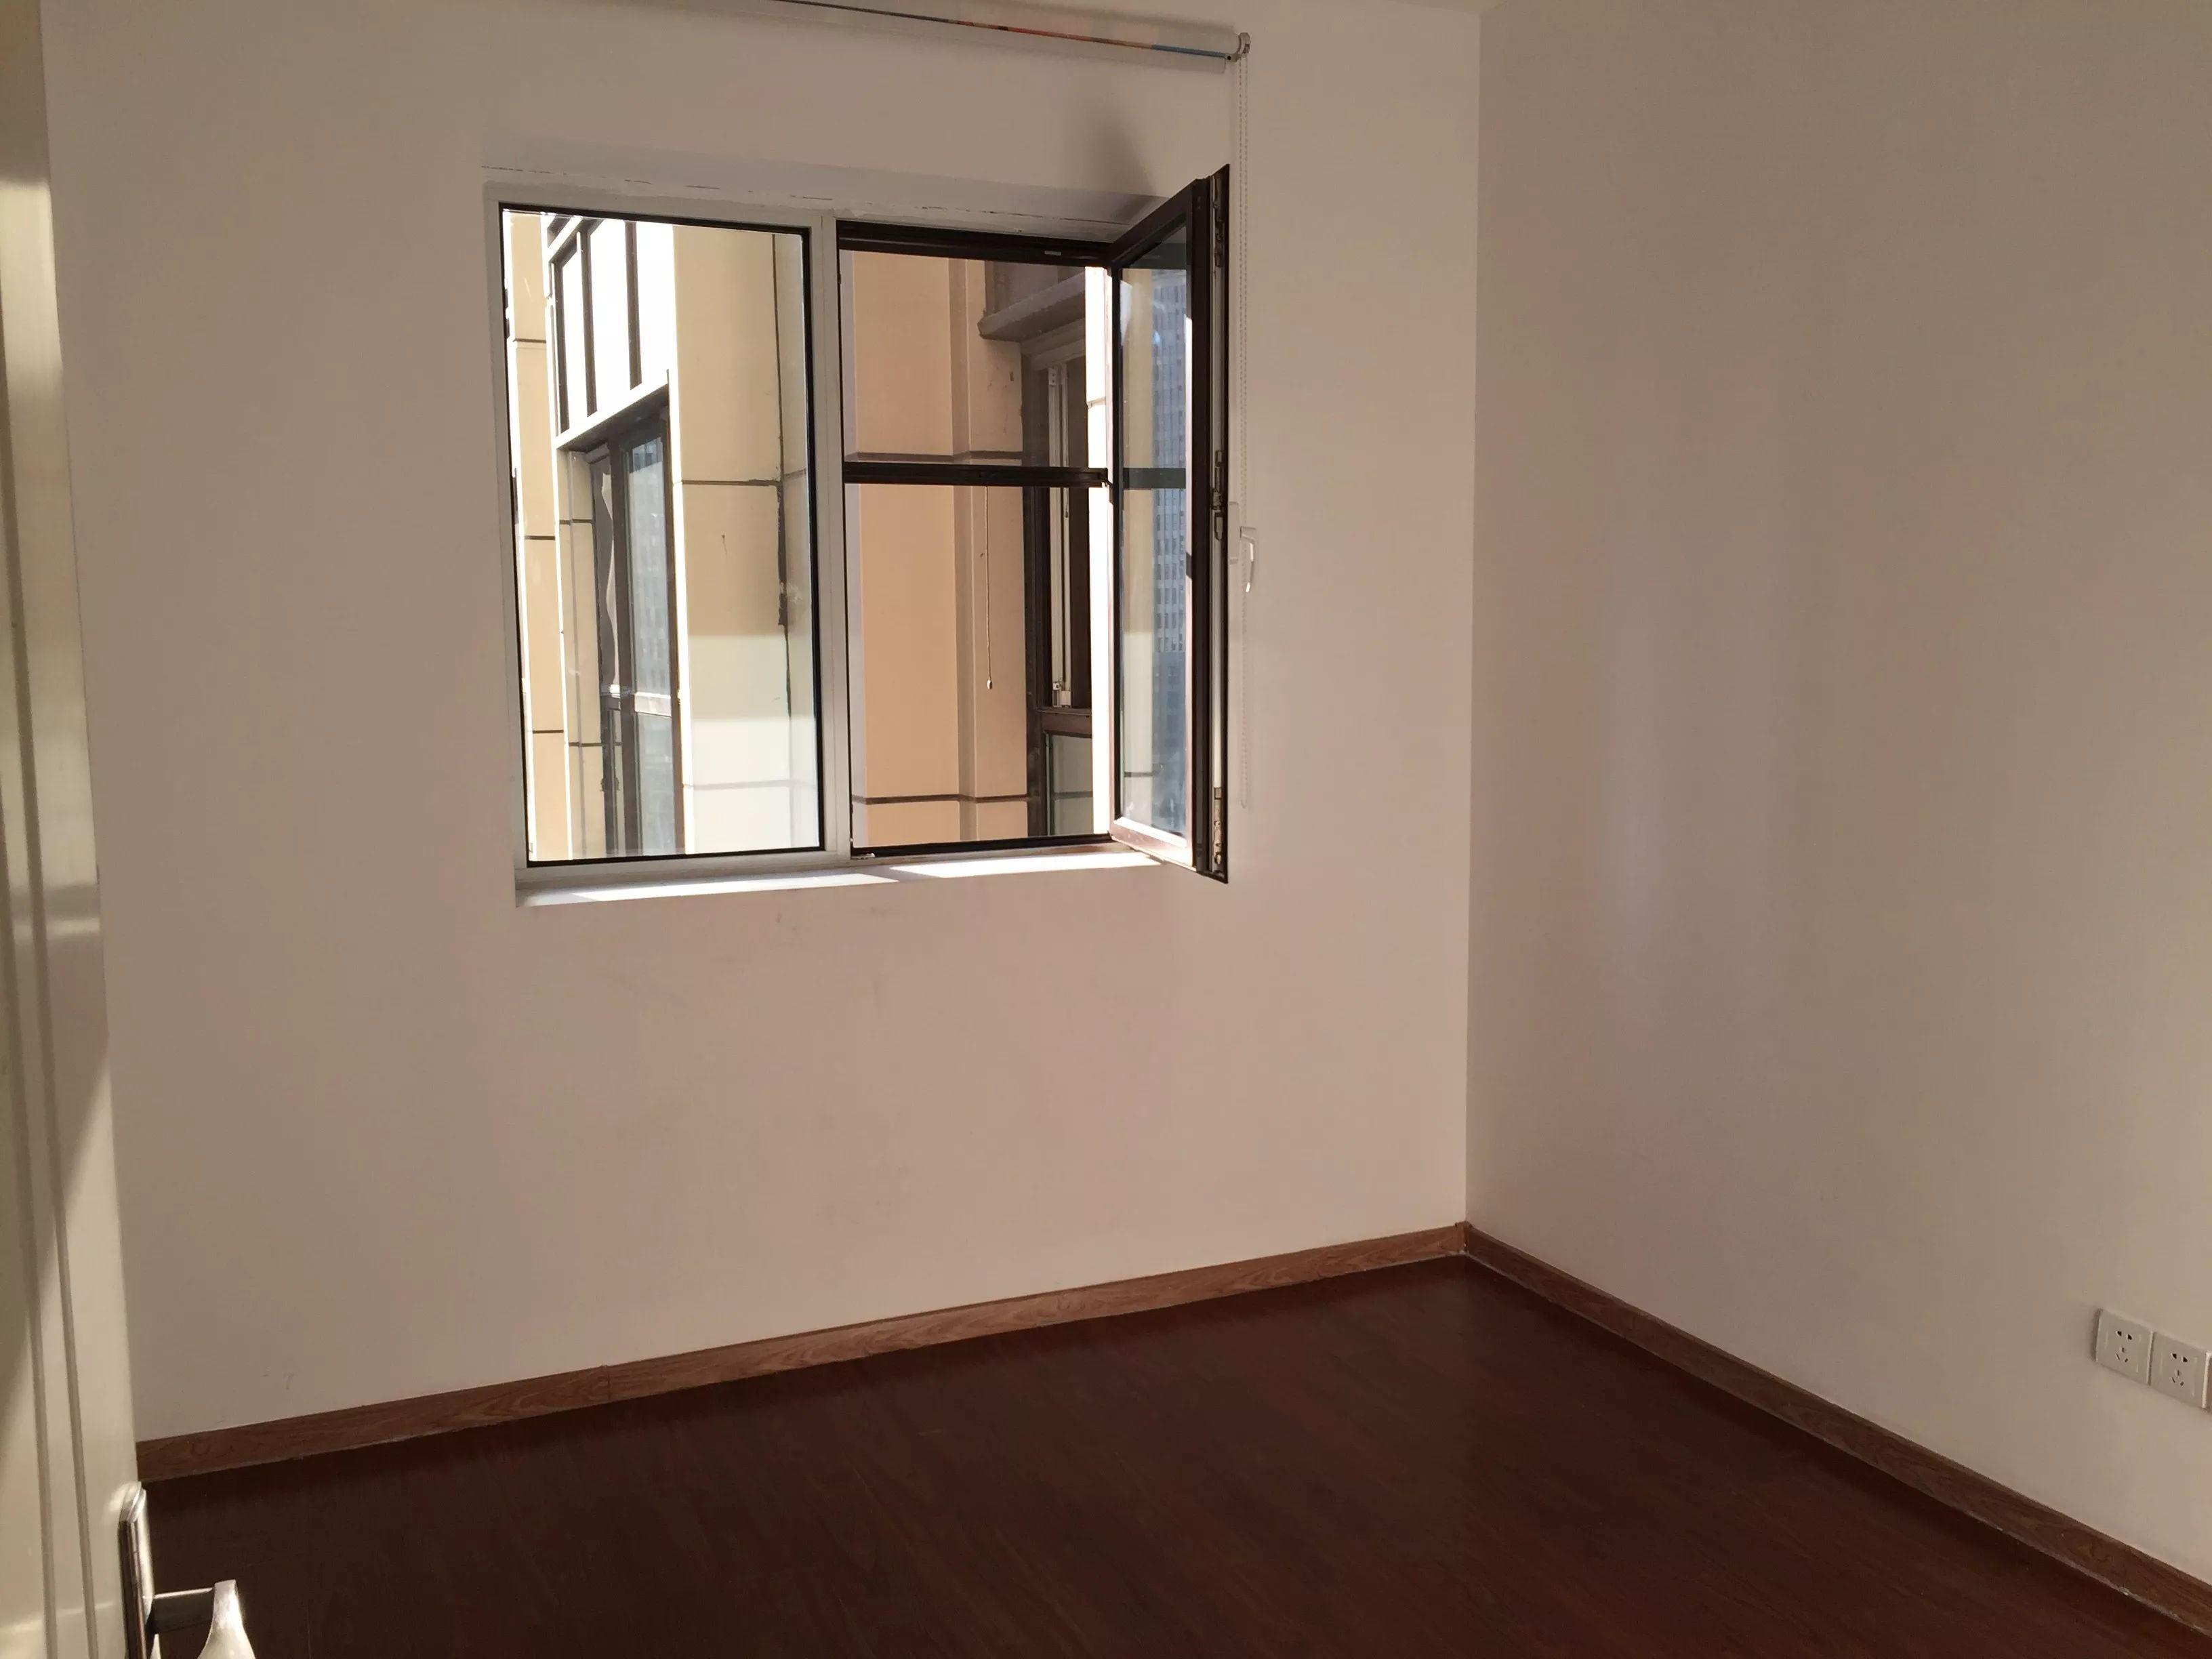 灵山镇 绿地景苑 2室 2厅 67平米 整租